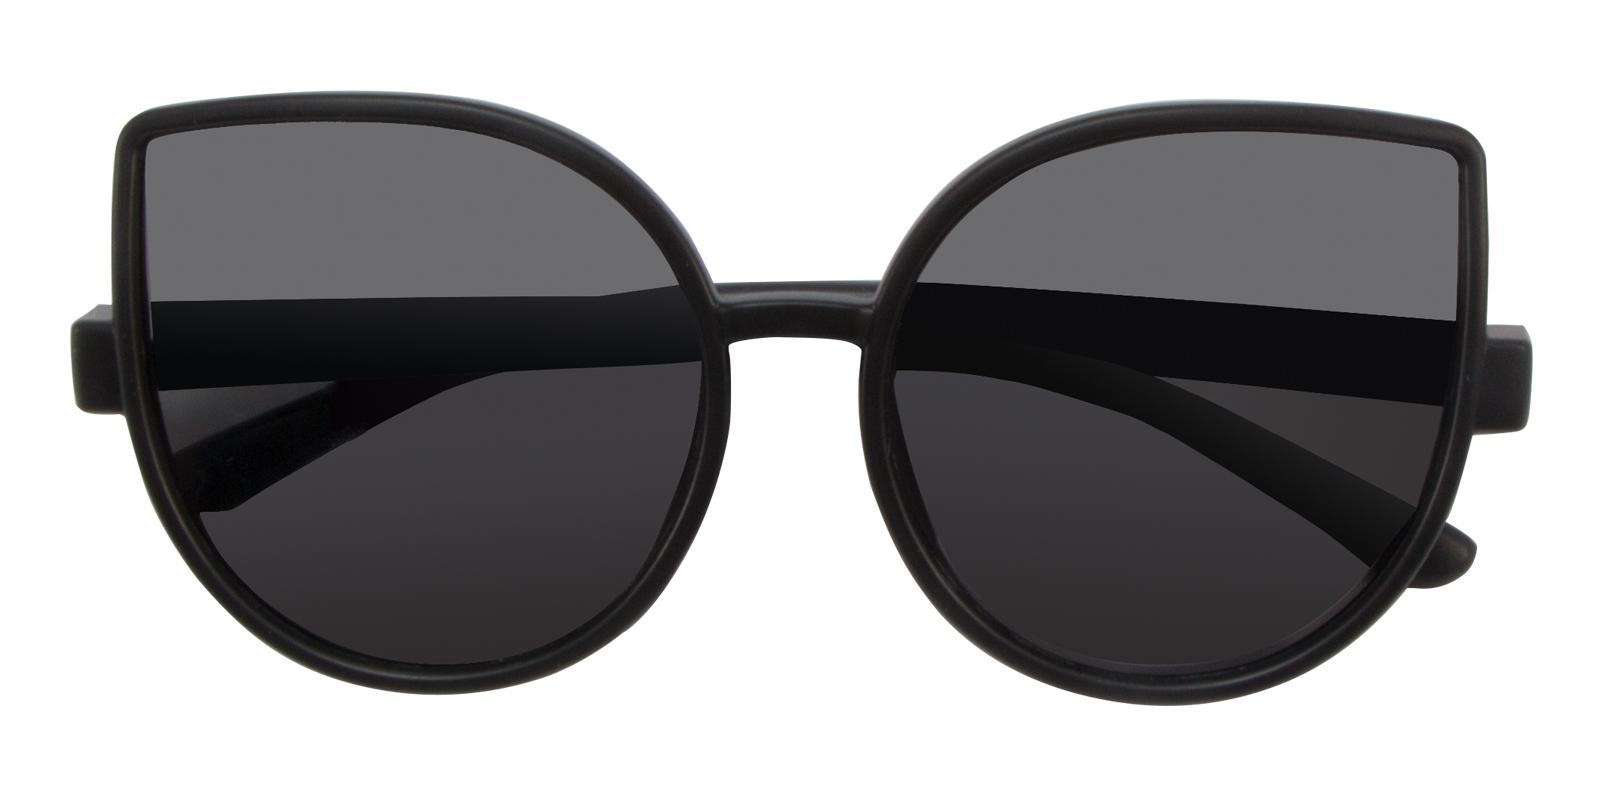 Blader Black TR Sunglasses , UniversalBridgeFit Frames from ABBE Glasses